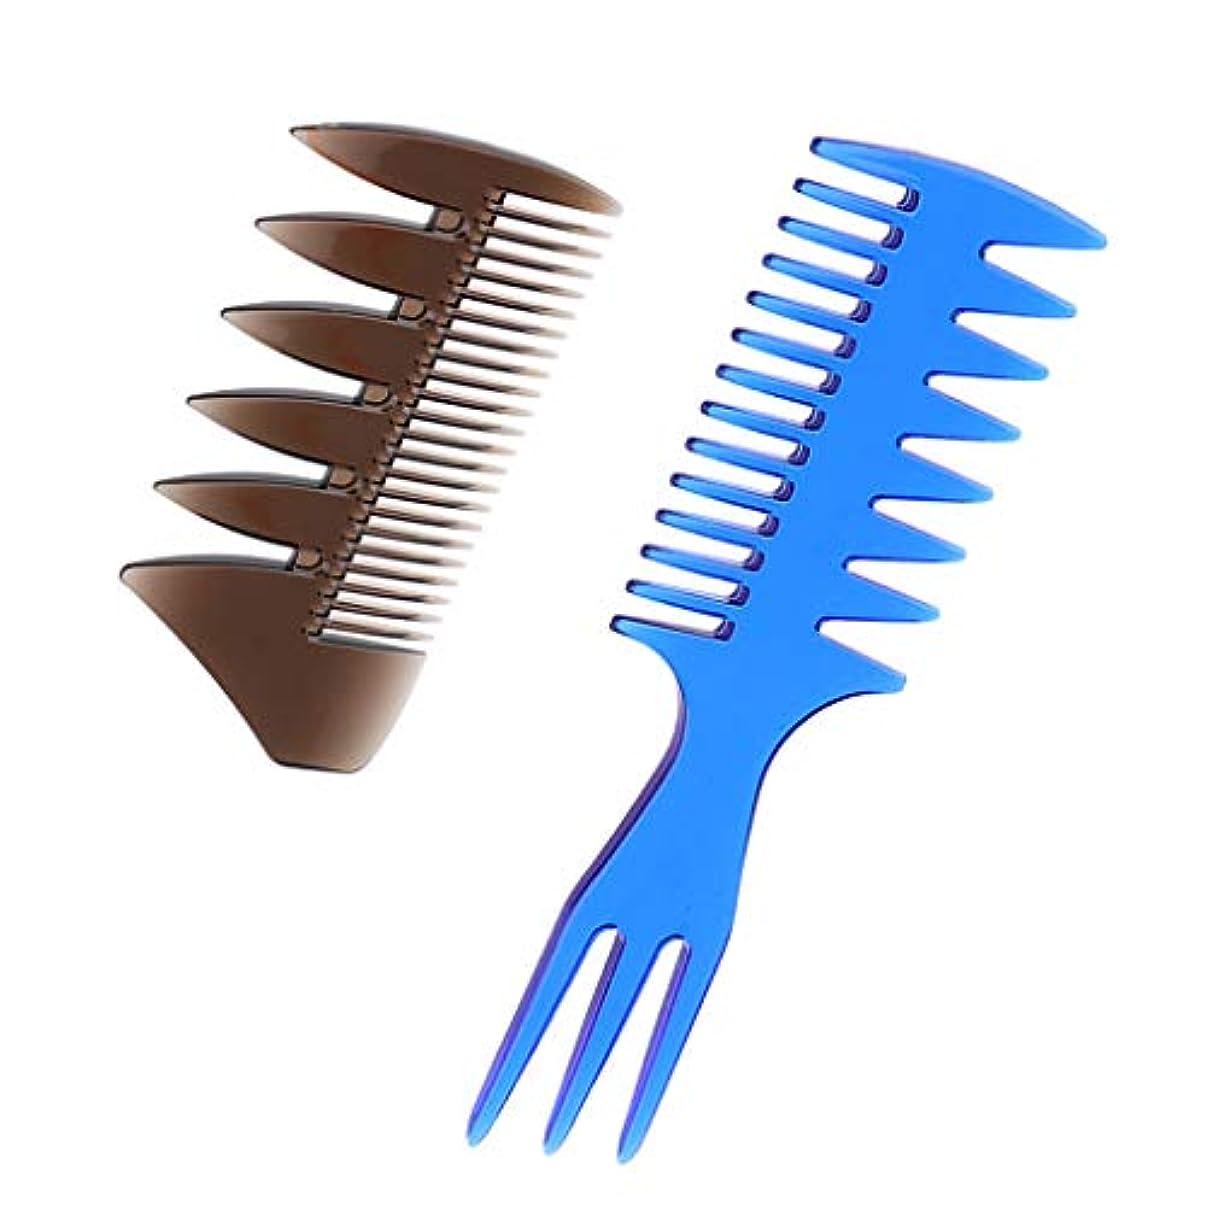 今日もっと許容できるToygogo 2ピースデュアルサイドおよび3ウェイメンズオイルヘアピックコームサロンダイサロン理髪スタイリング